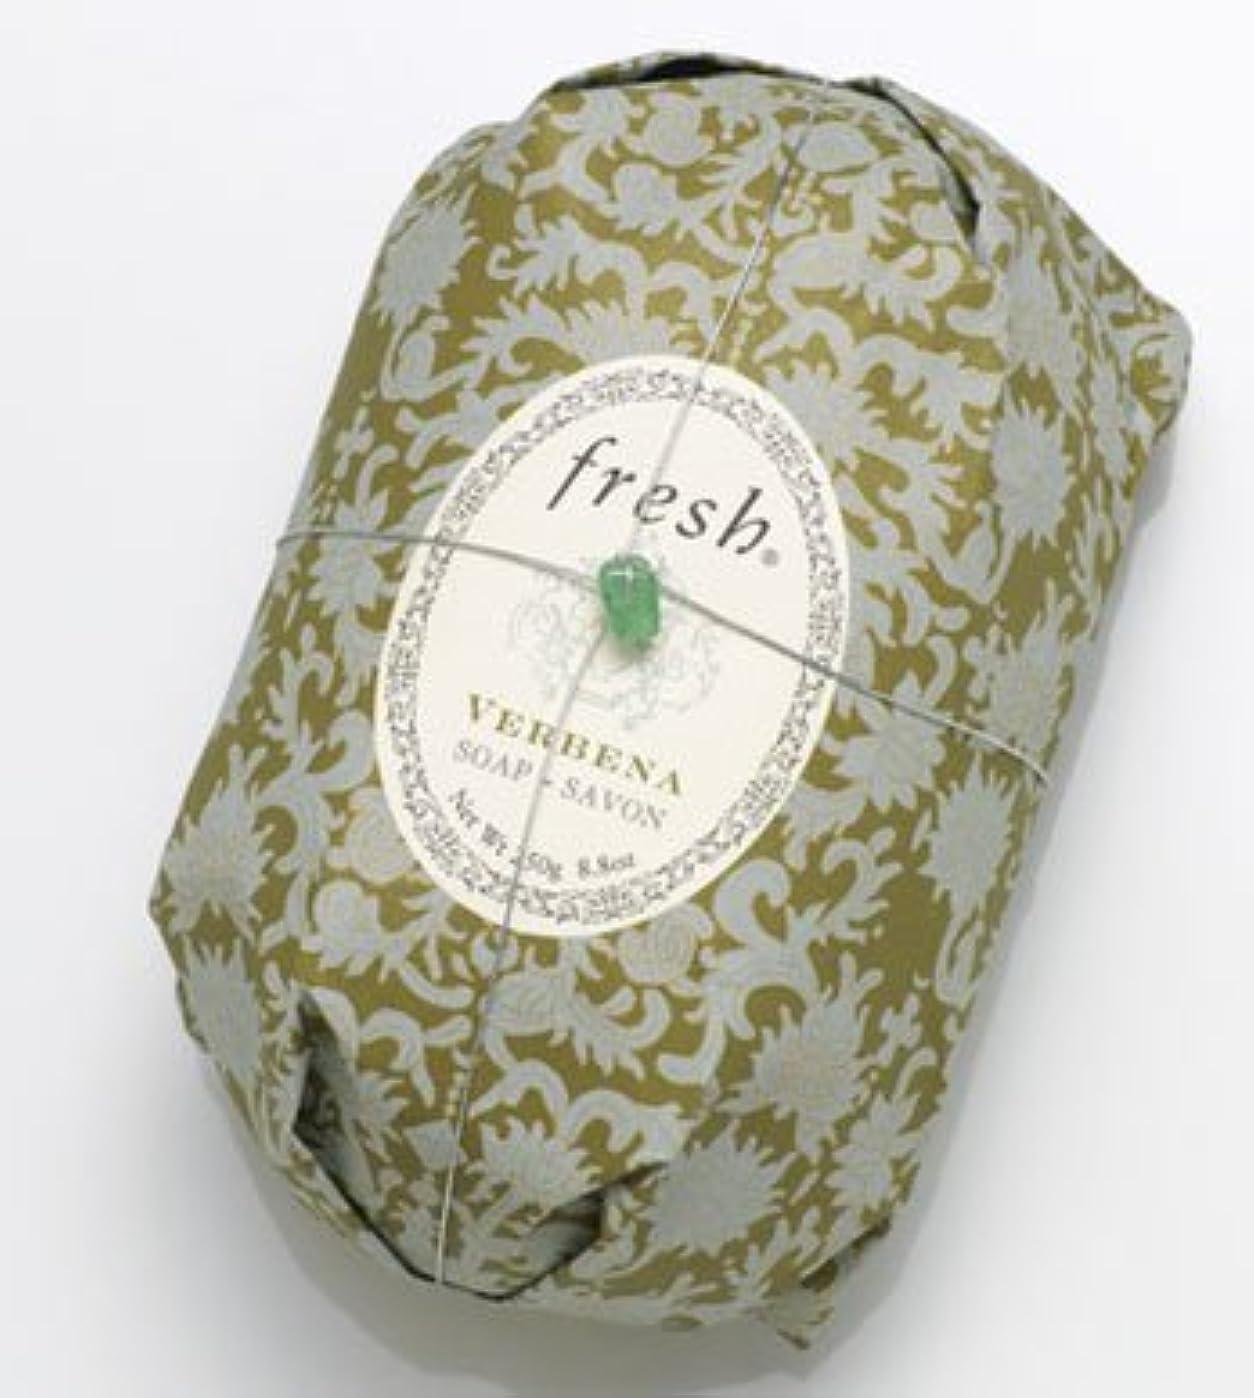 ステレオあからさま通知するFresh VERBENA SOAP (フレッシュ バーベナ ソープ) 8.8 oz (250g) Soap (石鹸) by Fresh